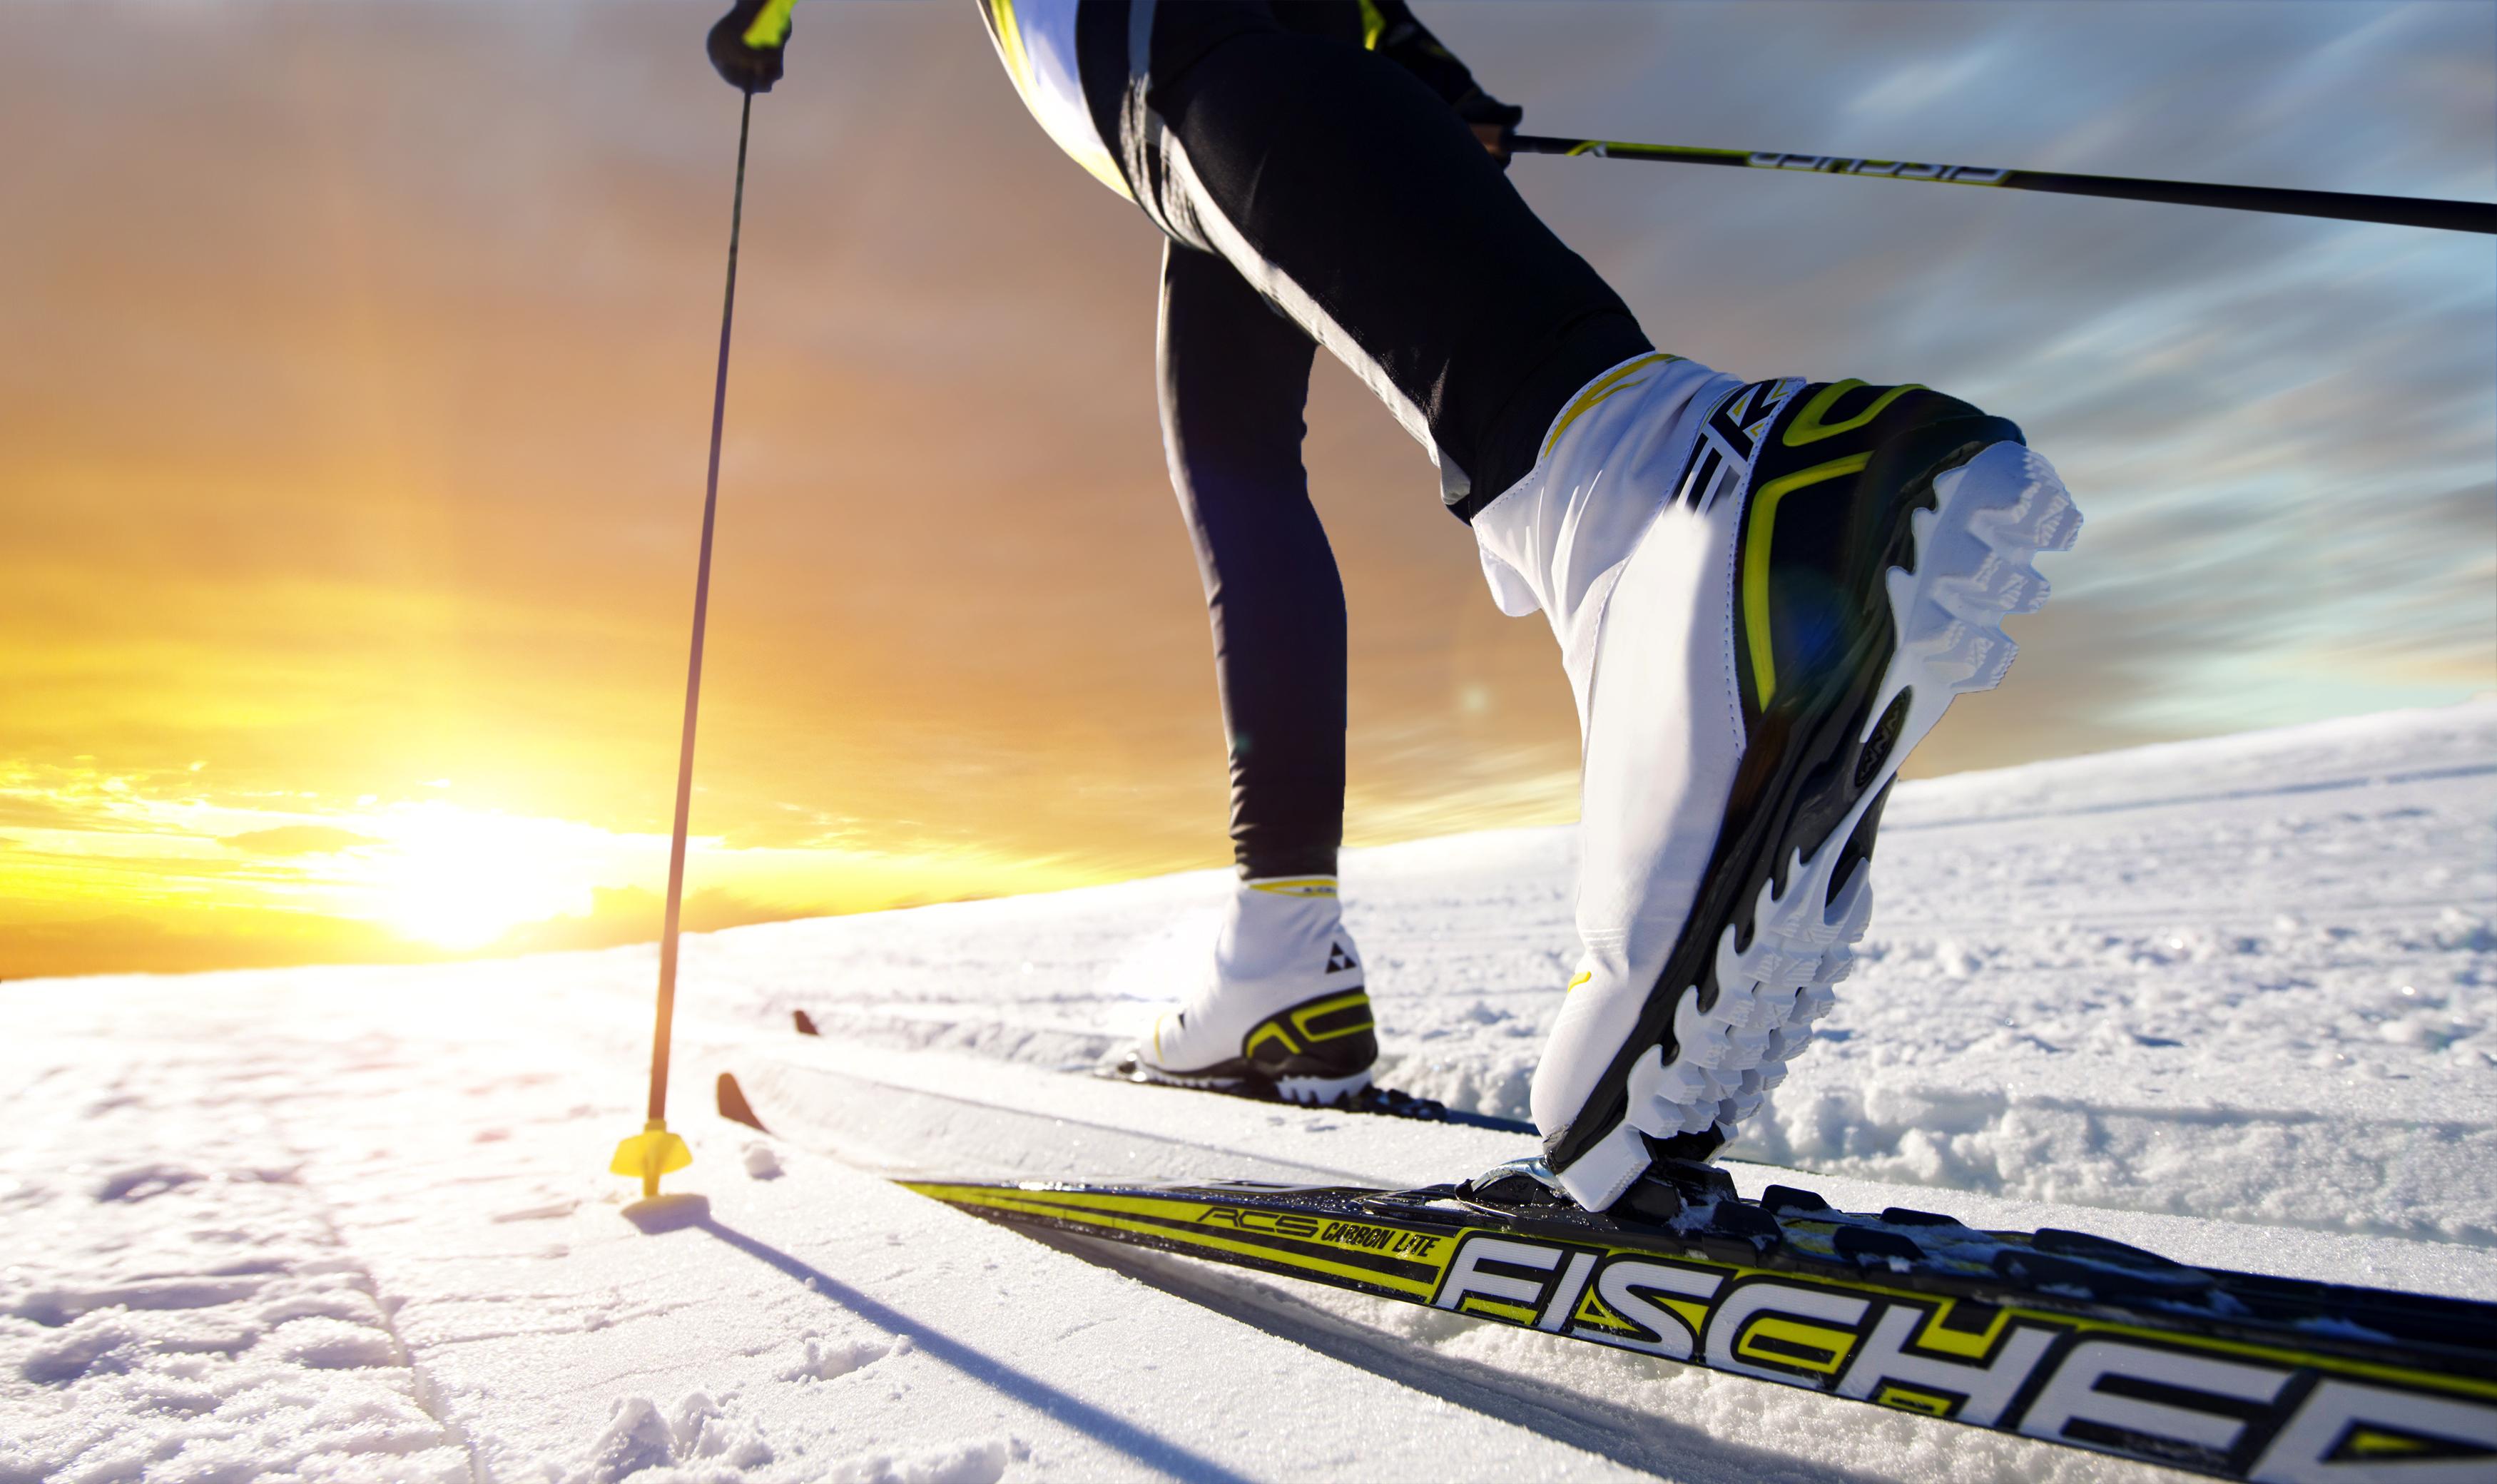 著力發展冰雪經濟 2020哈爾濱寒地博覽會將于1月召開